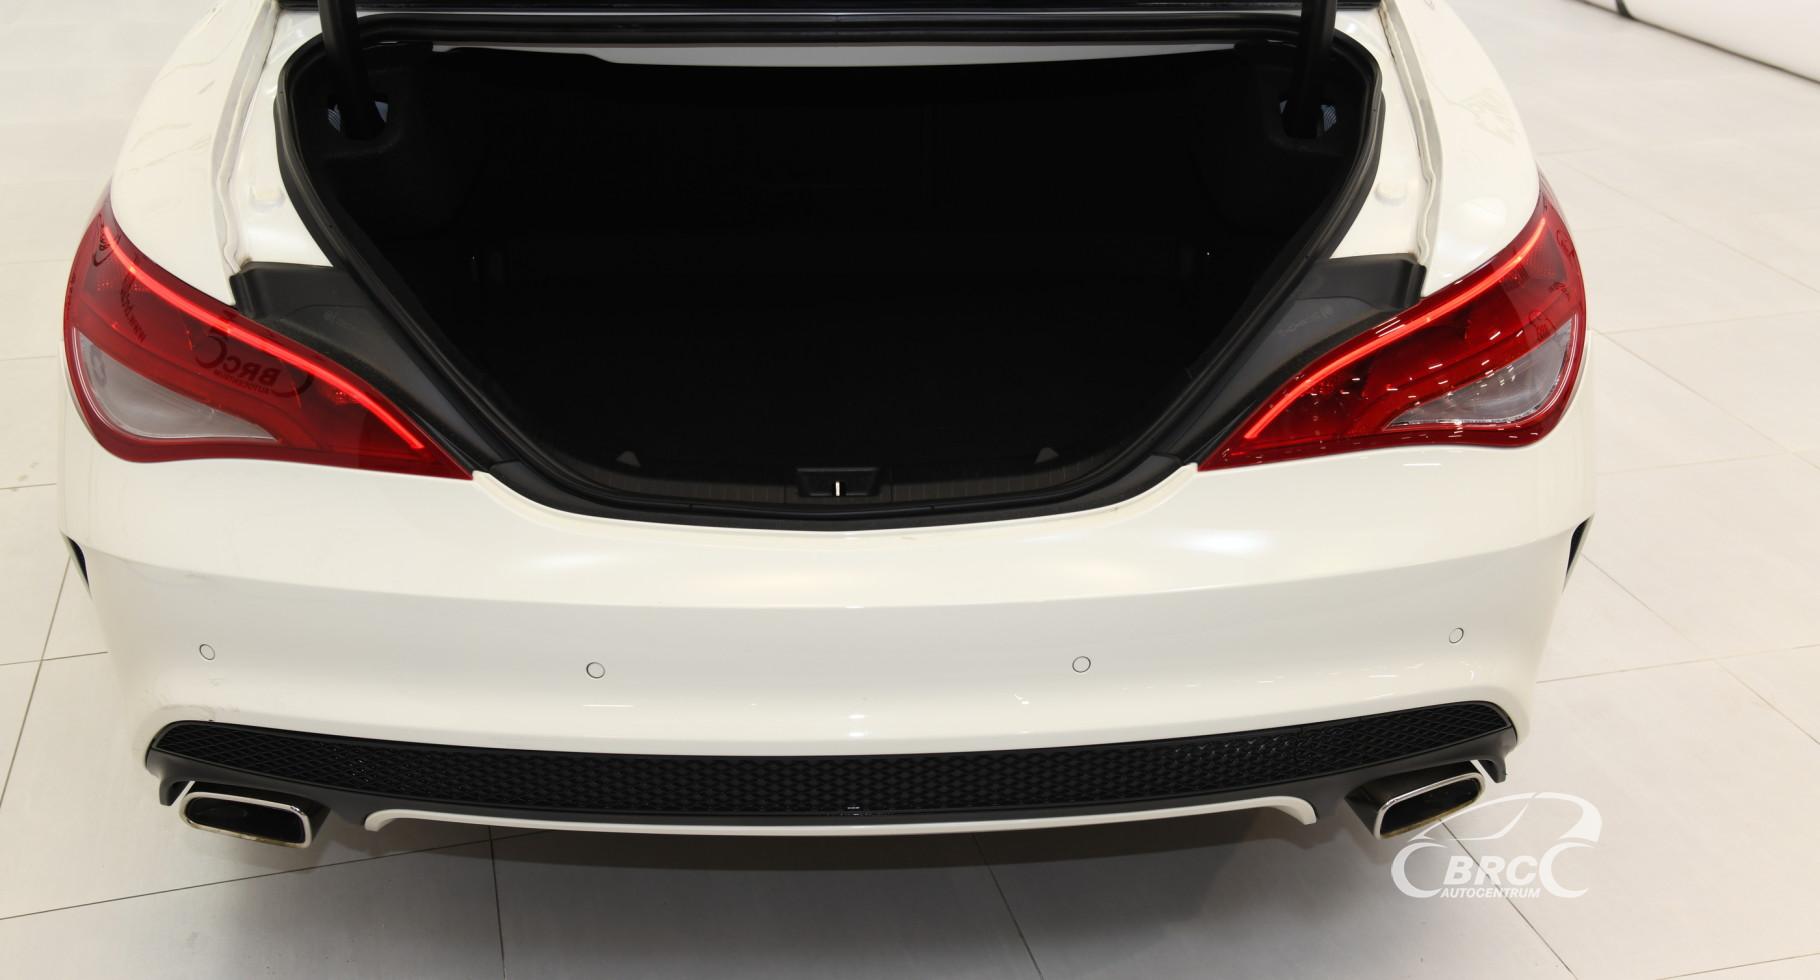 Mercedes-Benz CLA 200 d AMG design 4MATIC Automatas